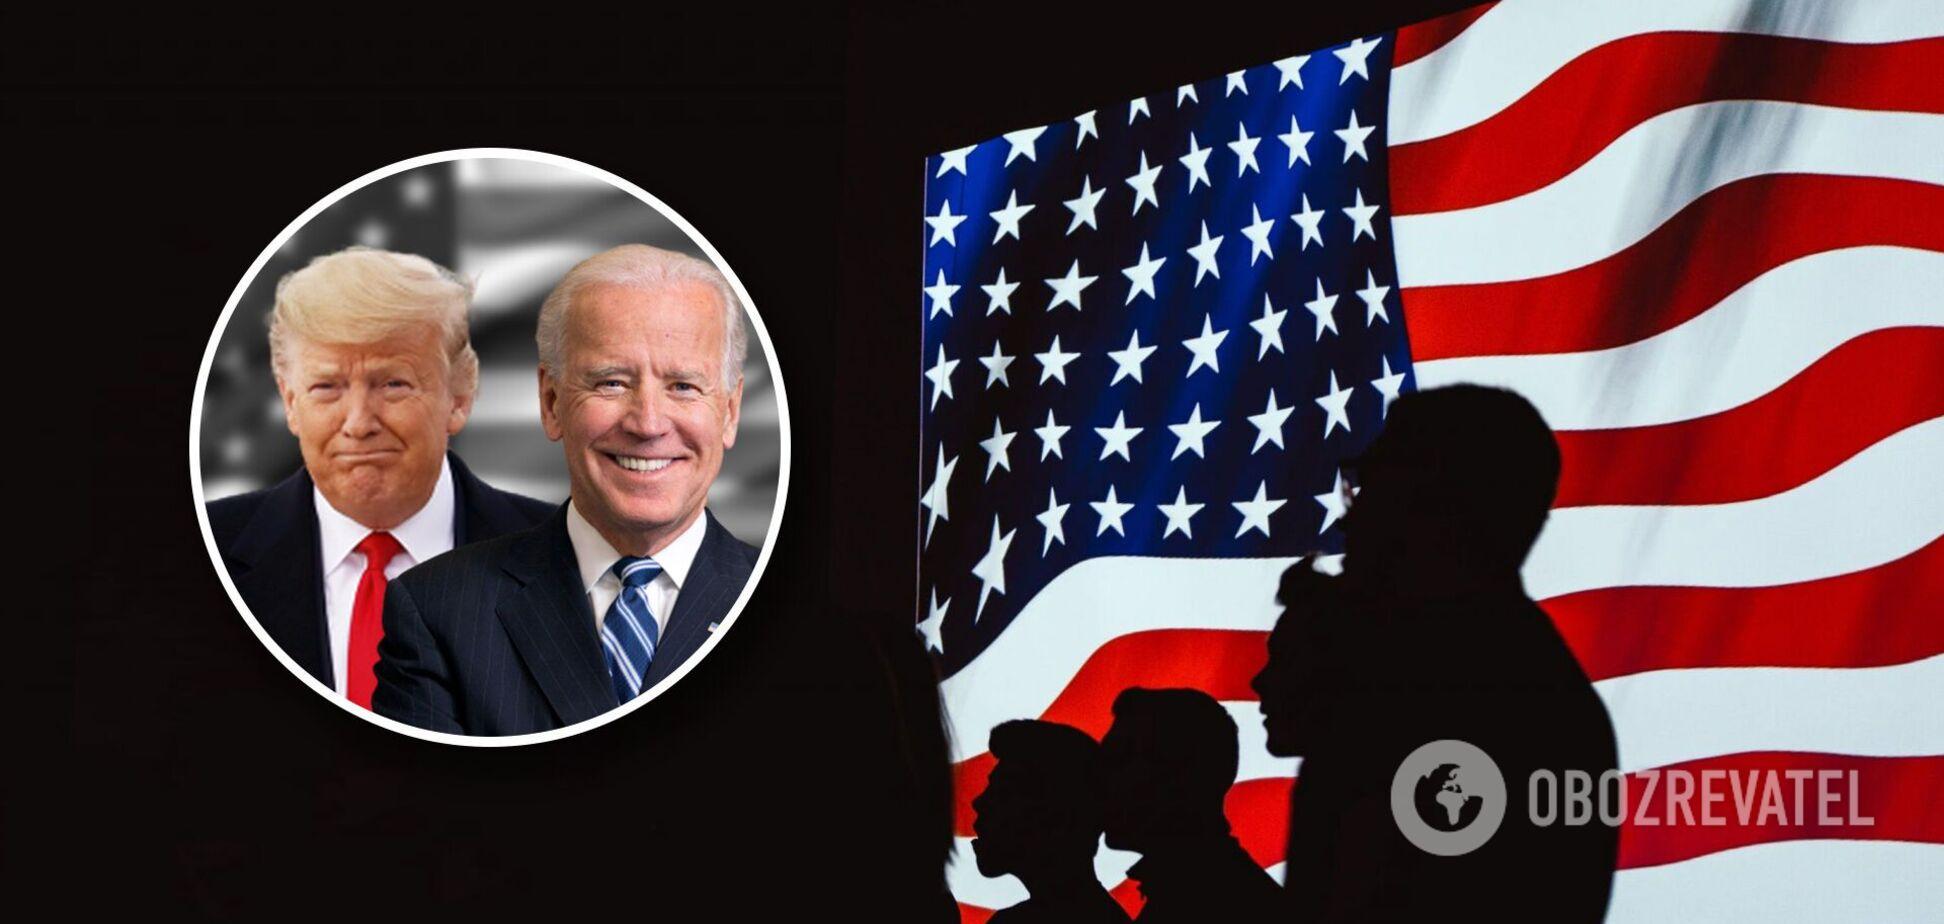 В США проходят сложные и скандальные выборы: OBOZREVATEL разобрался во всех тонкостях процесса